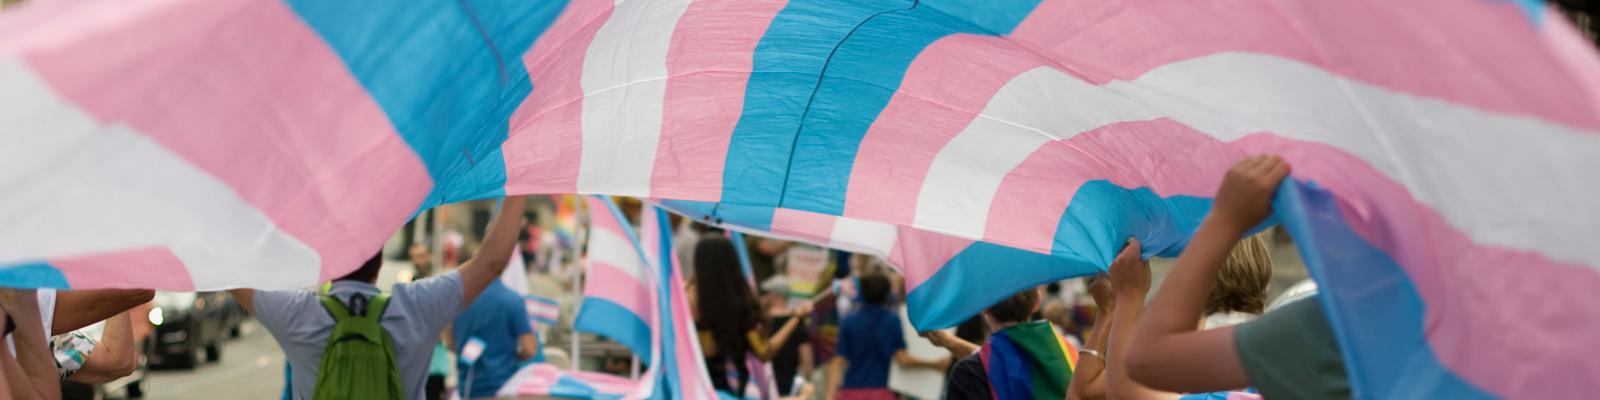 transgendervlag-met-mensen